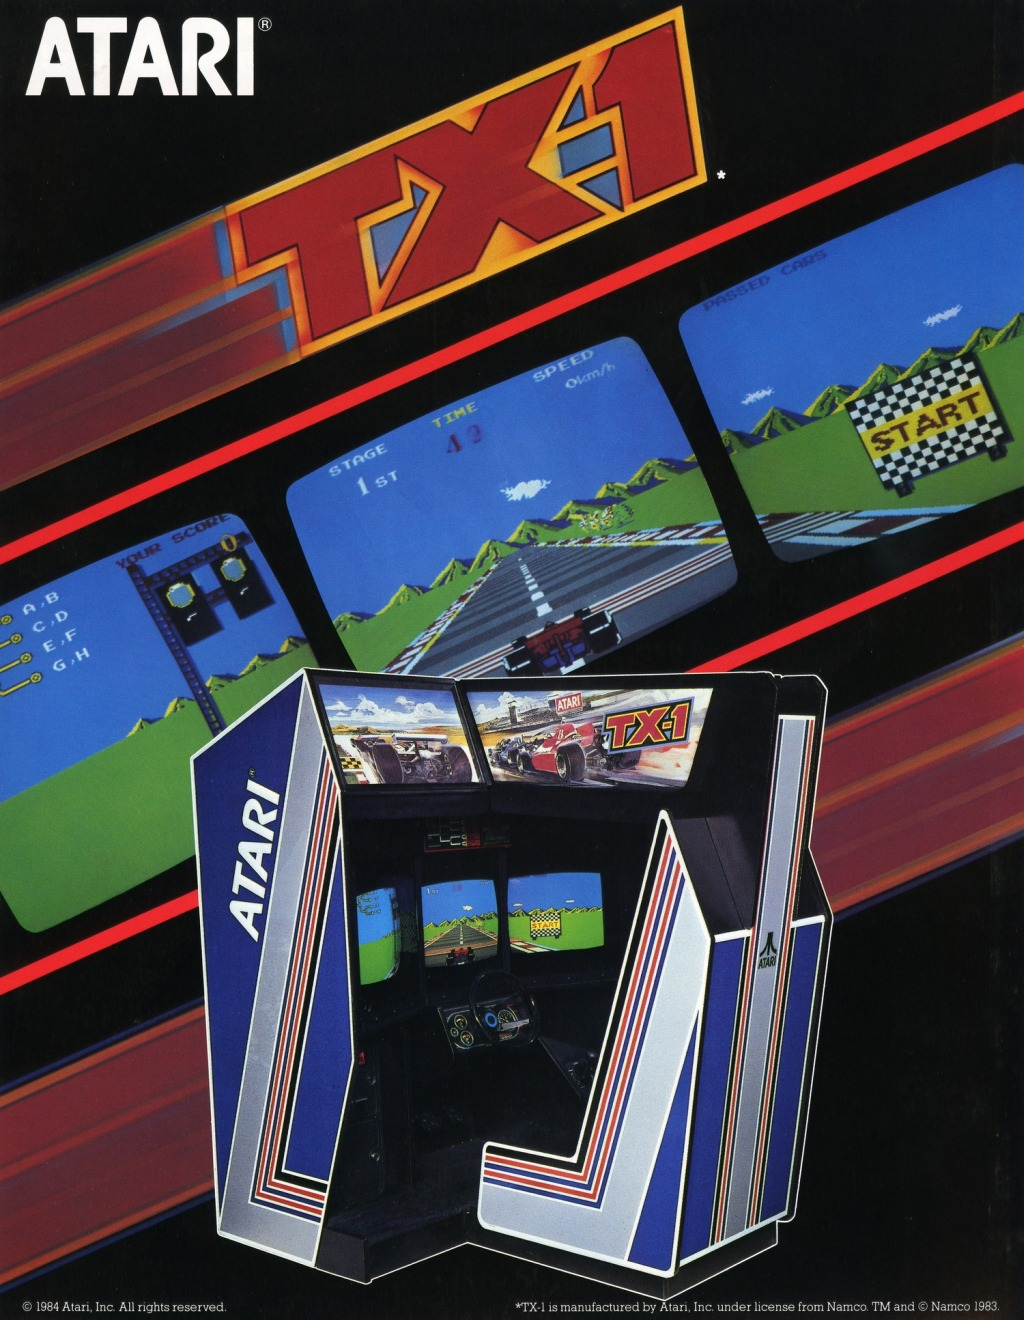 Werbung für TX-1. (Atari, 1984)